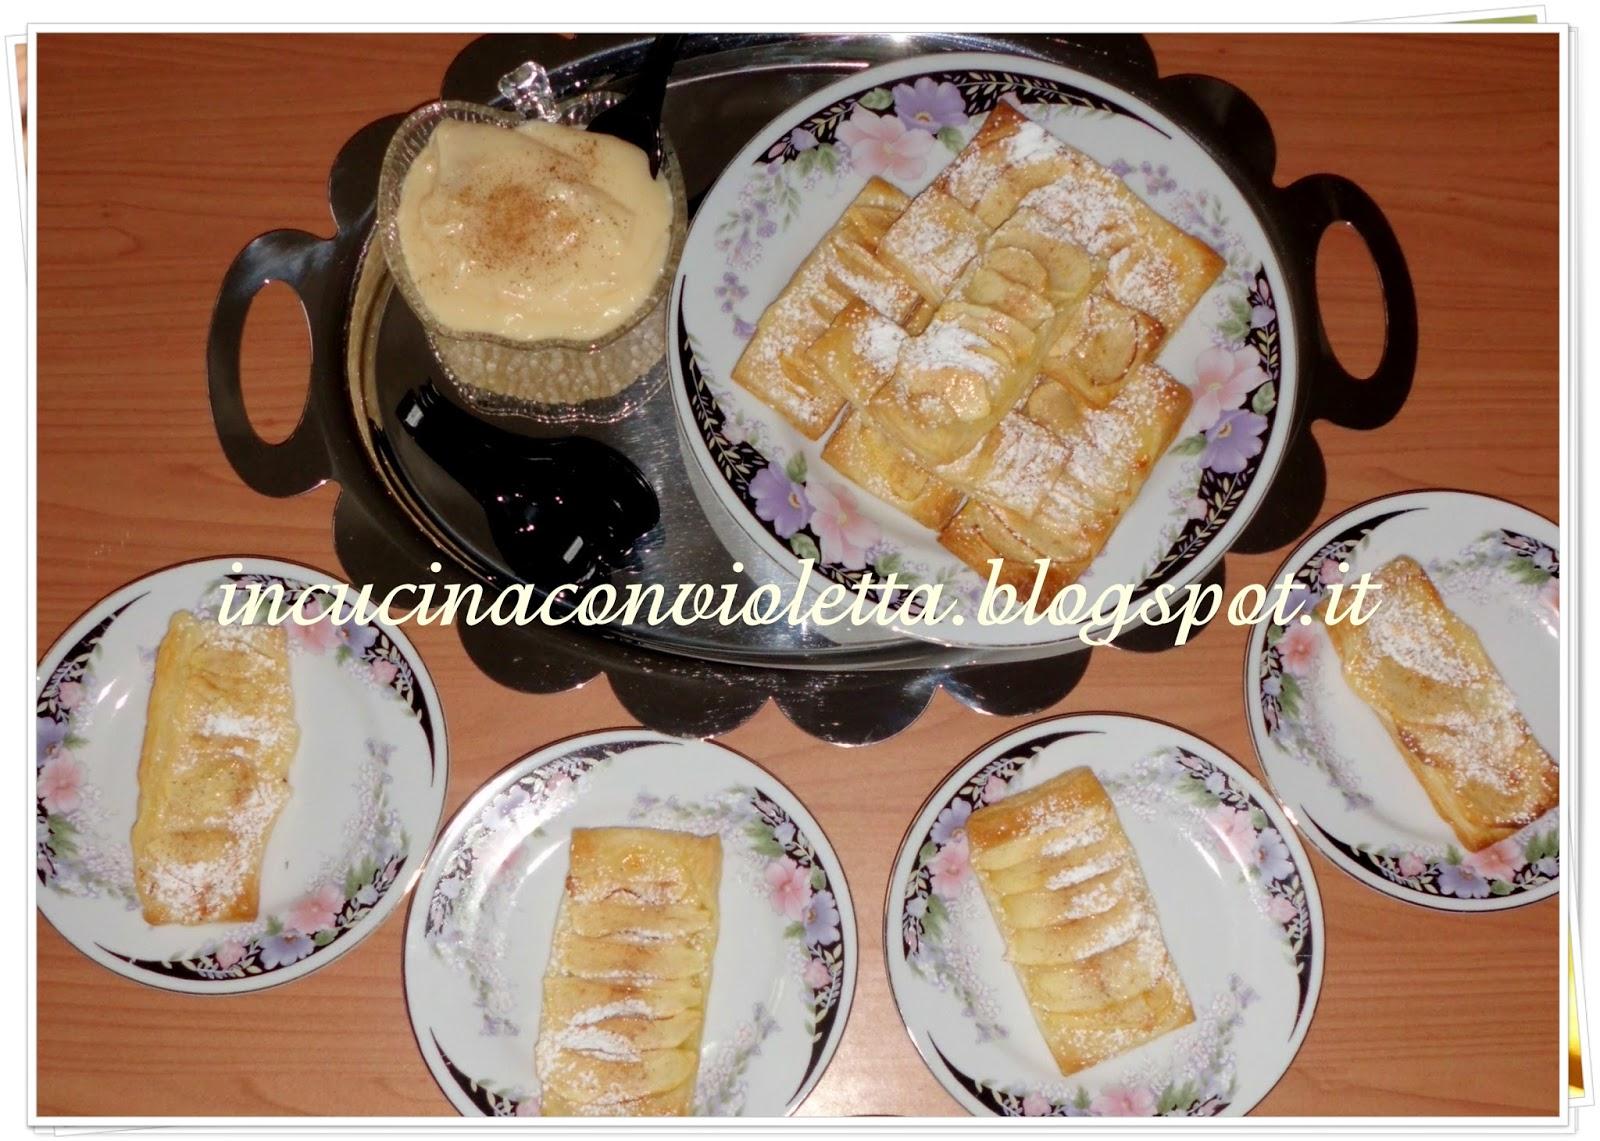 ... Cucina Con Violetta: Sfogliatelle con crema pasticcera e mele Violetta